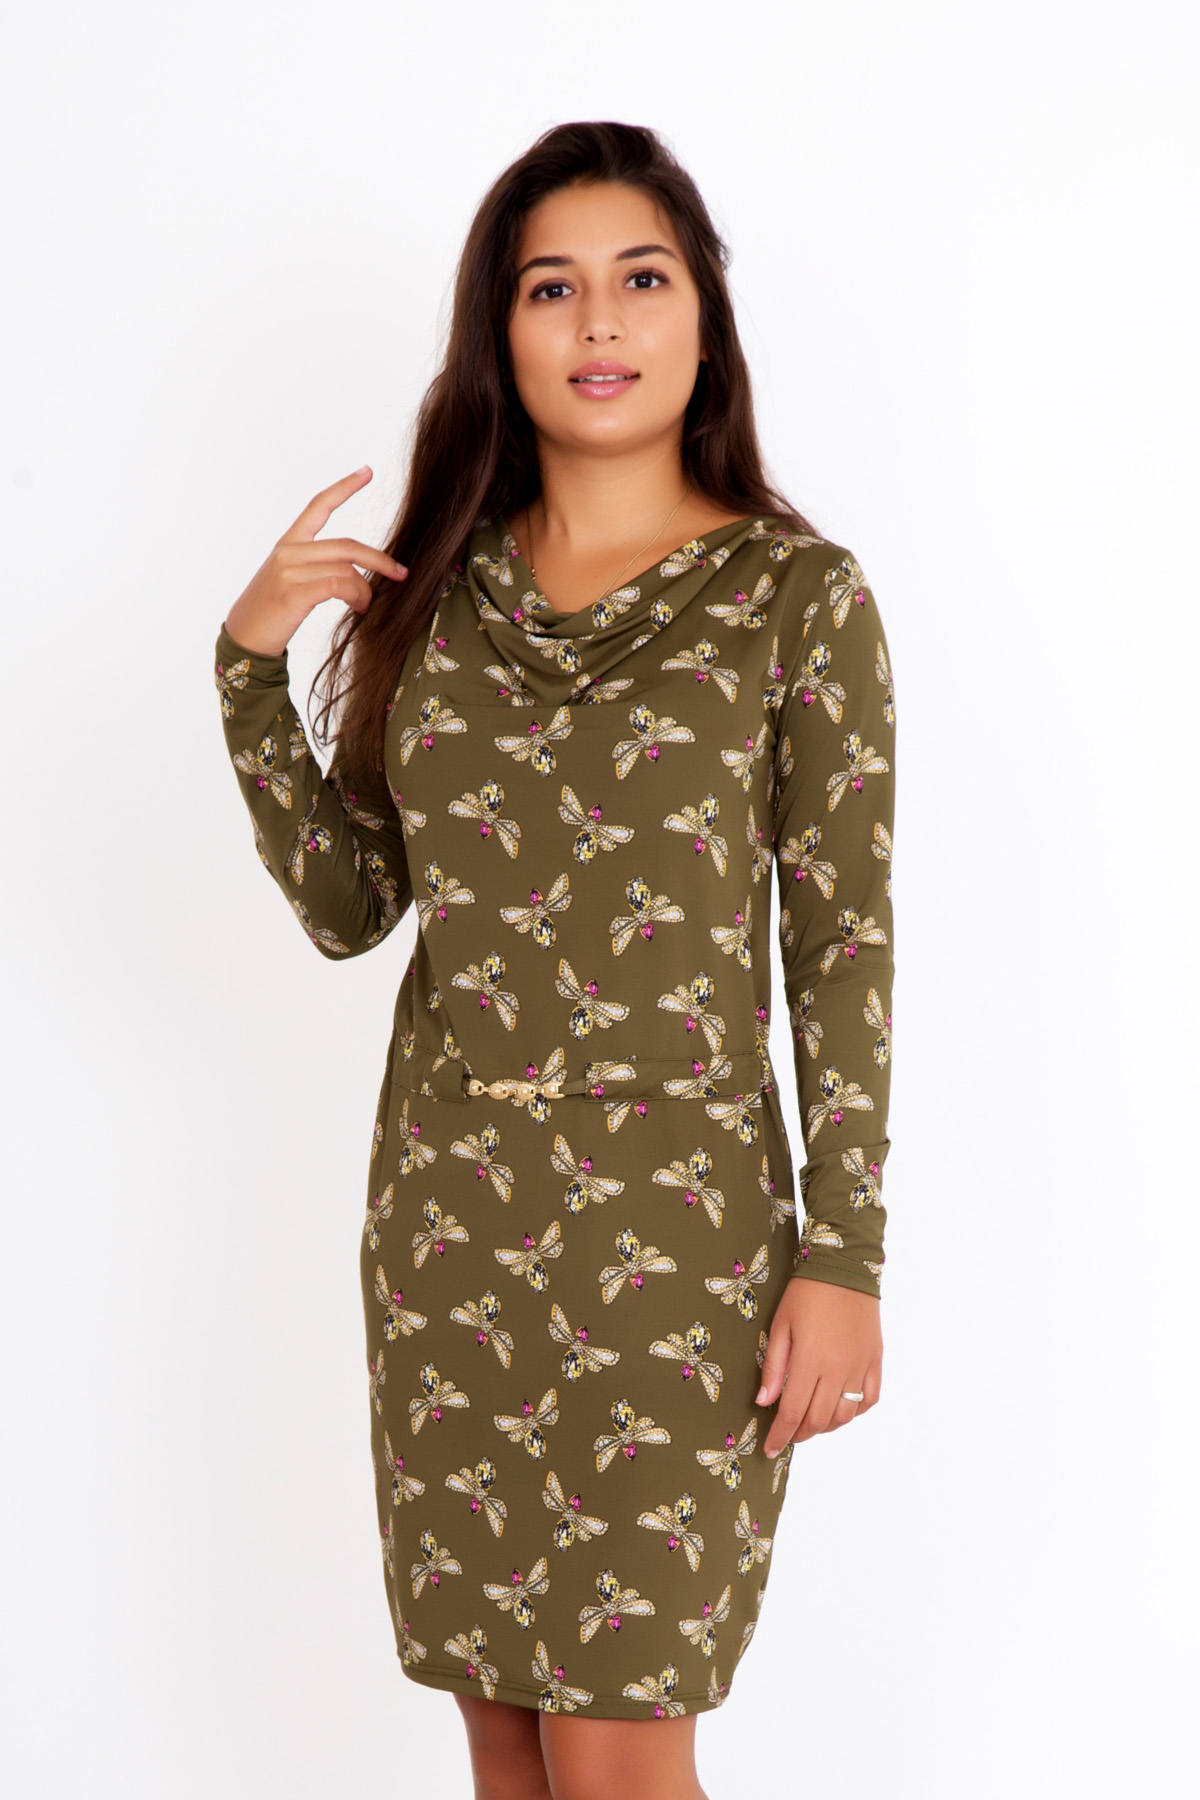 Жен. платье Стрекоза р. 54Распродажа<br>Обхват груди:108 см<br>Обхват талии:88 см<br>Обхват бедер:116 см<br>Длина по спинке:95 см<br>Рост:167 см<br><br>Тип: Жен. платье<br>Размер: 54<br>Материал: Масло